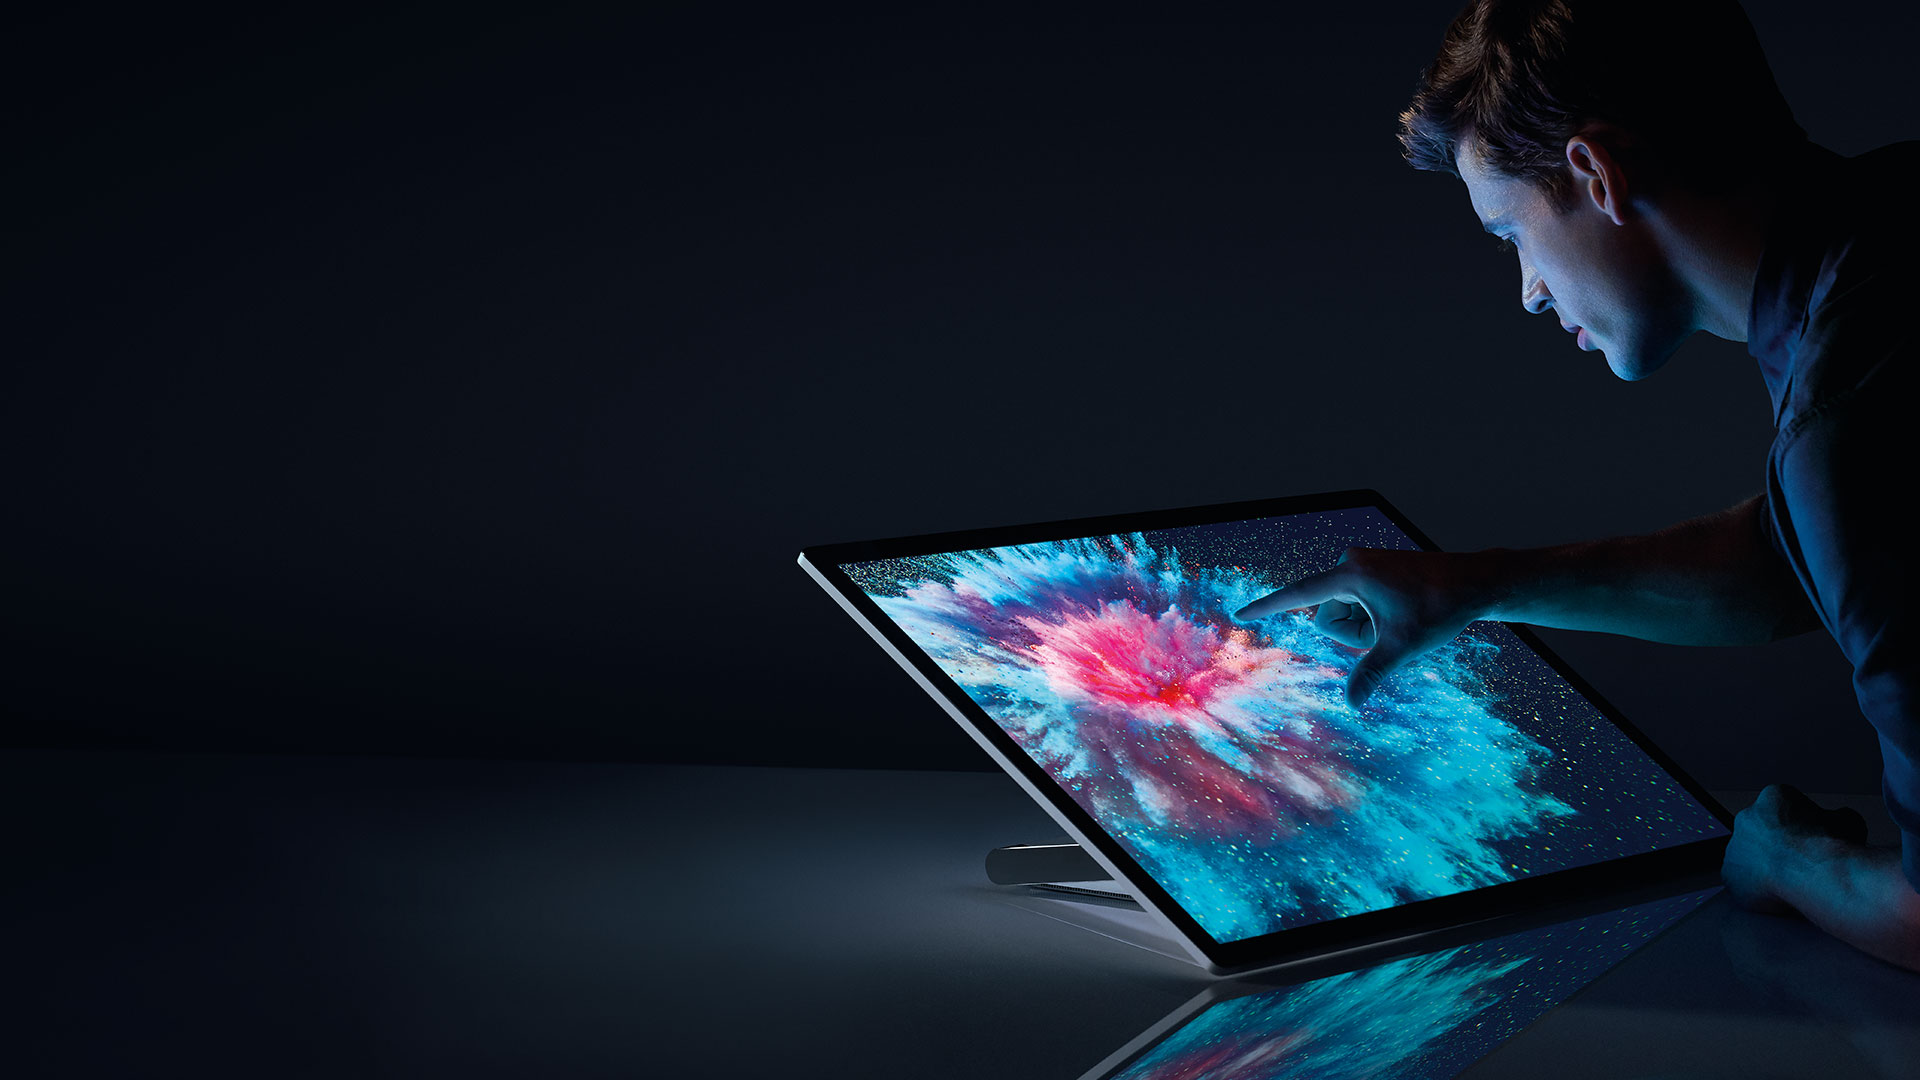 Personne interagissant avec Surface Studio